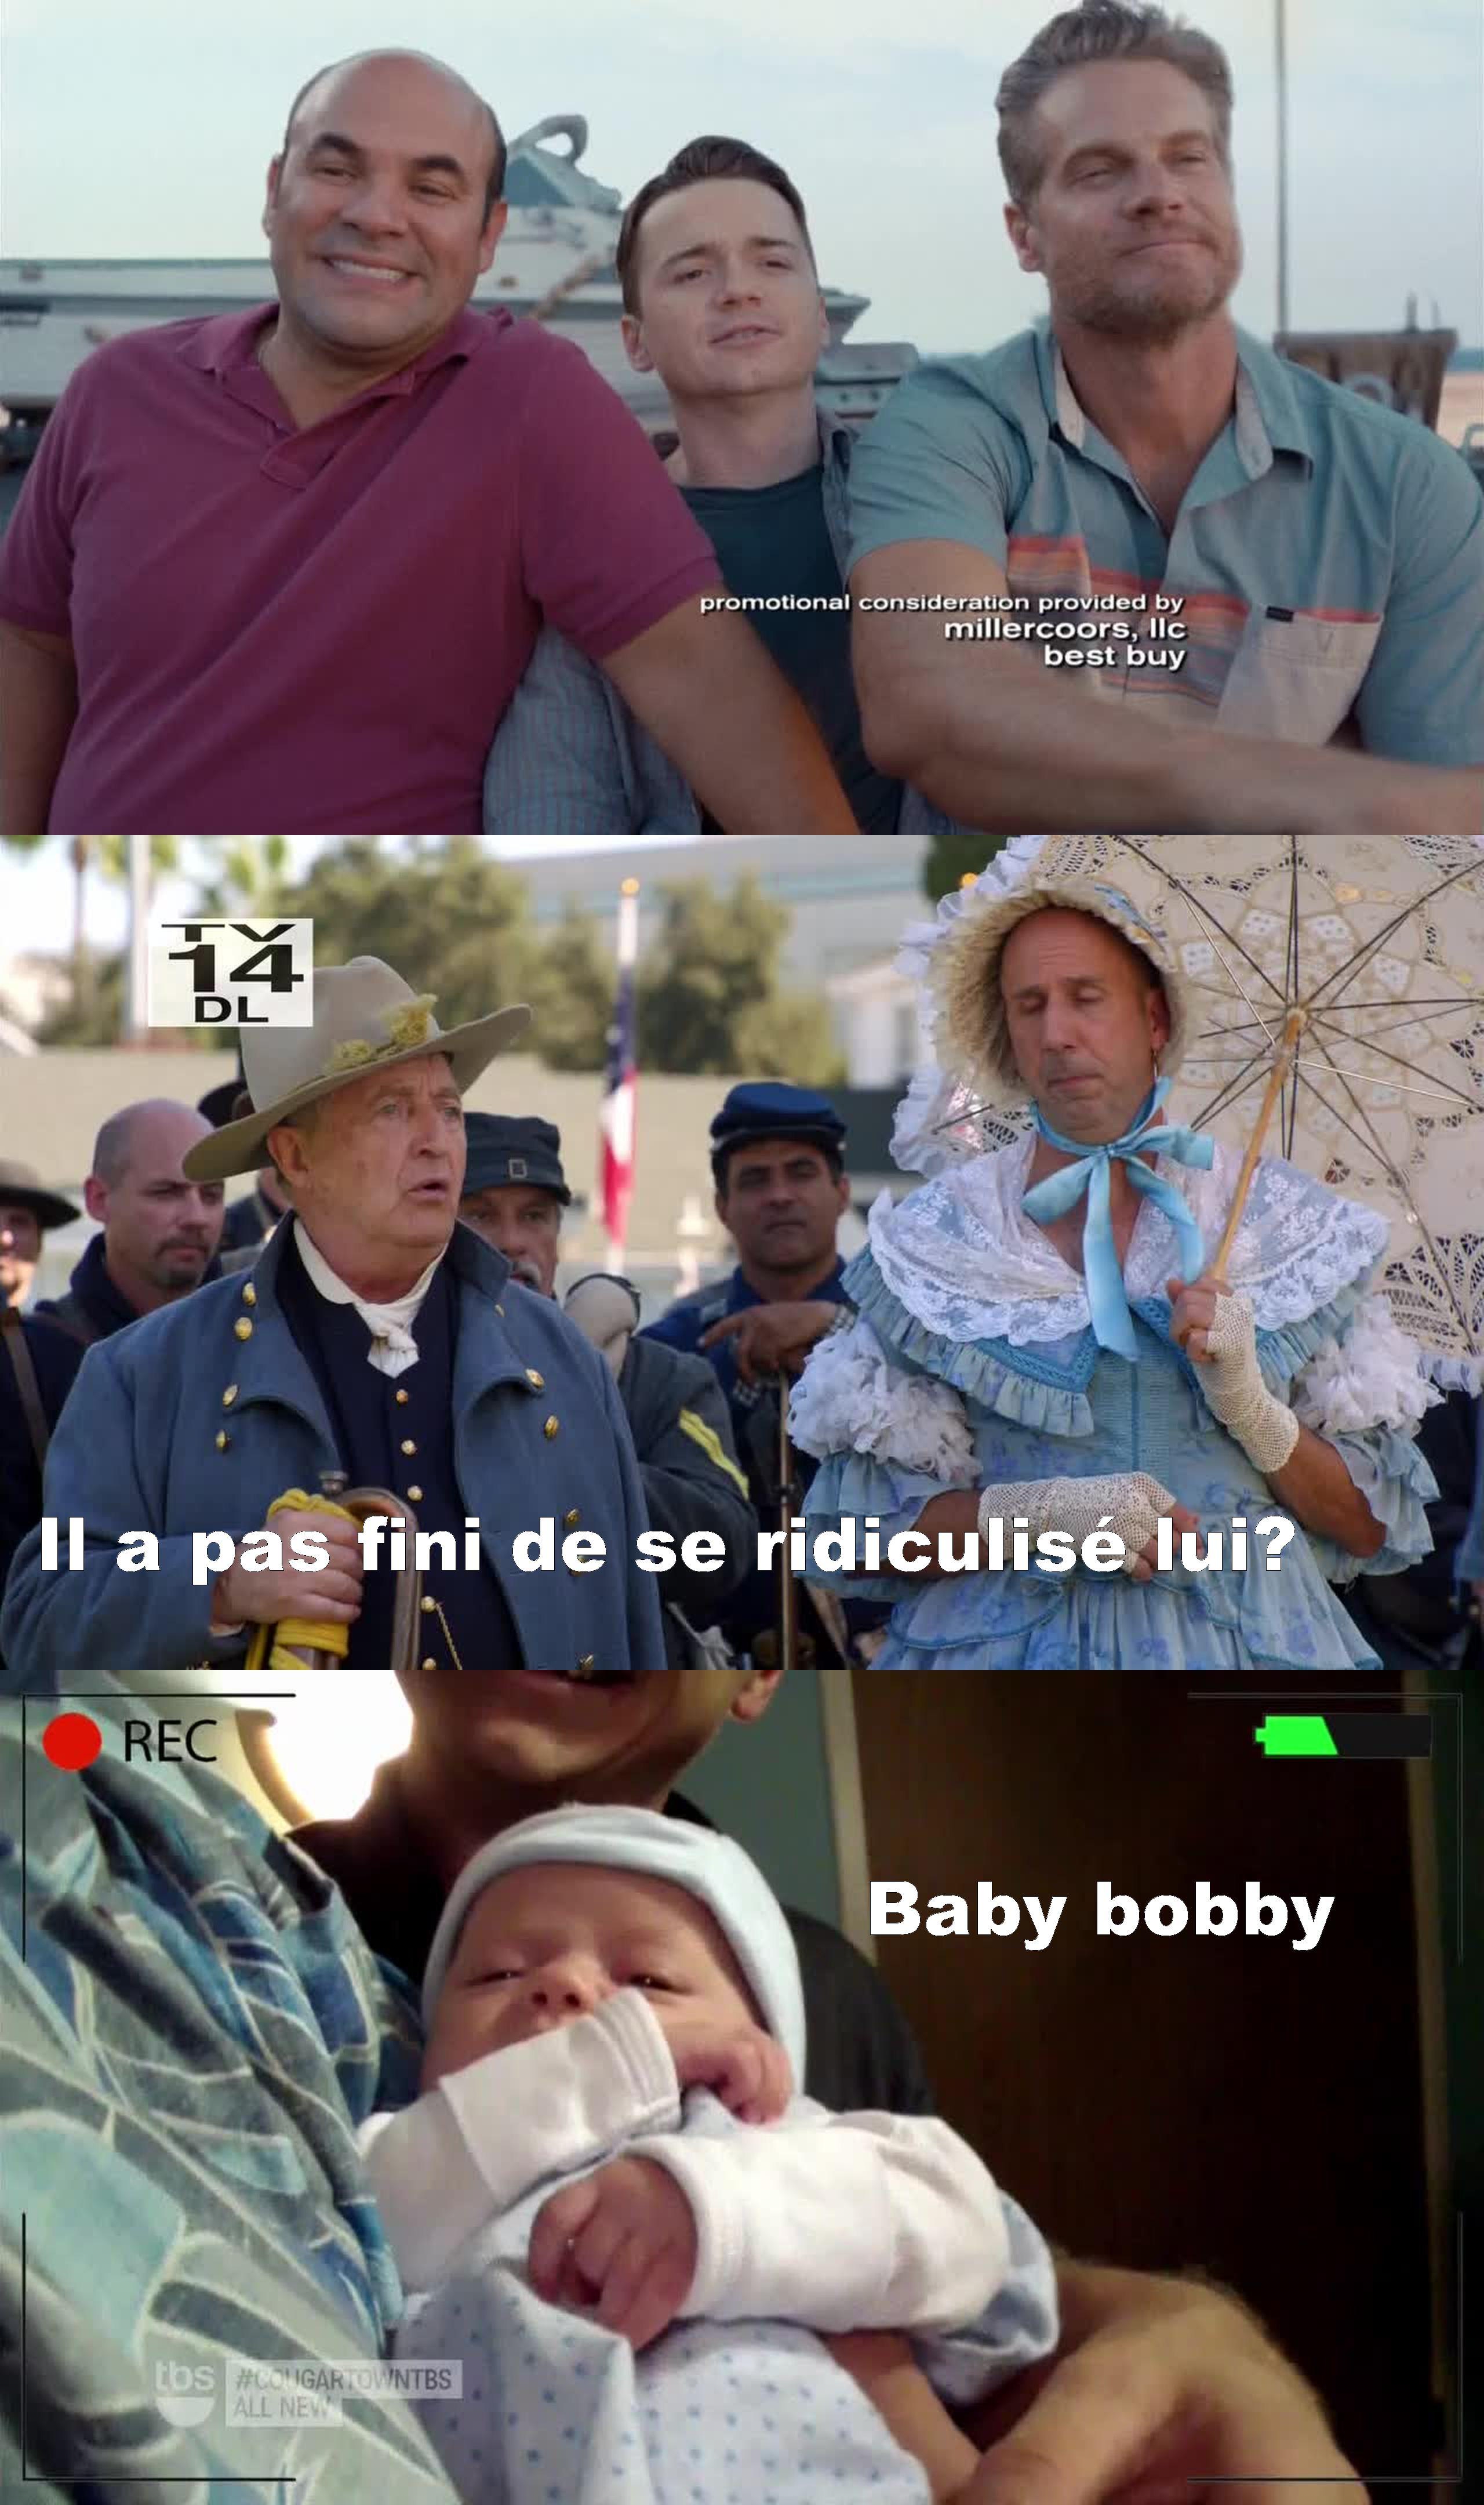 C'est des fous ces deux ils ont été trop marrant dans cet épisode mais pourquoi il part Bobby j'adore son personnage :(